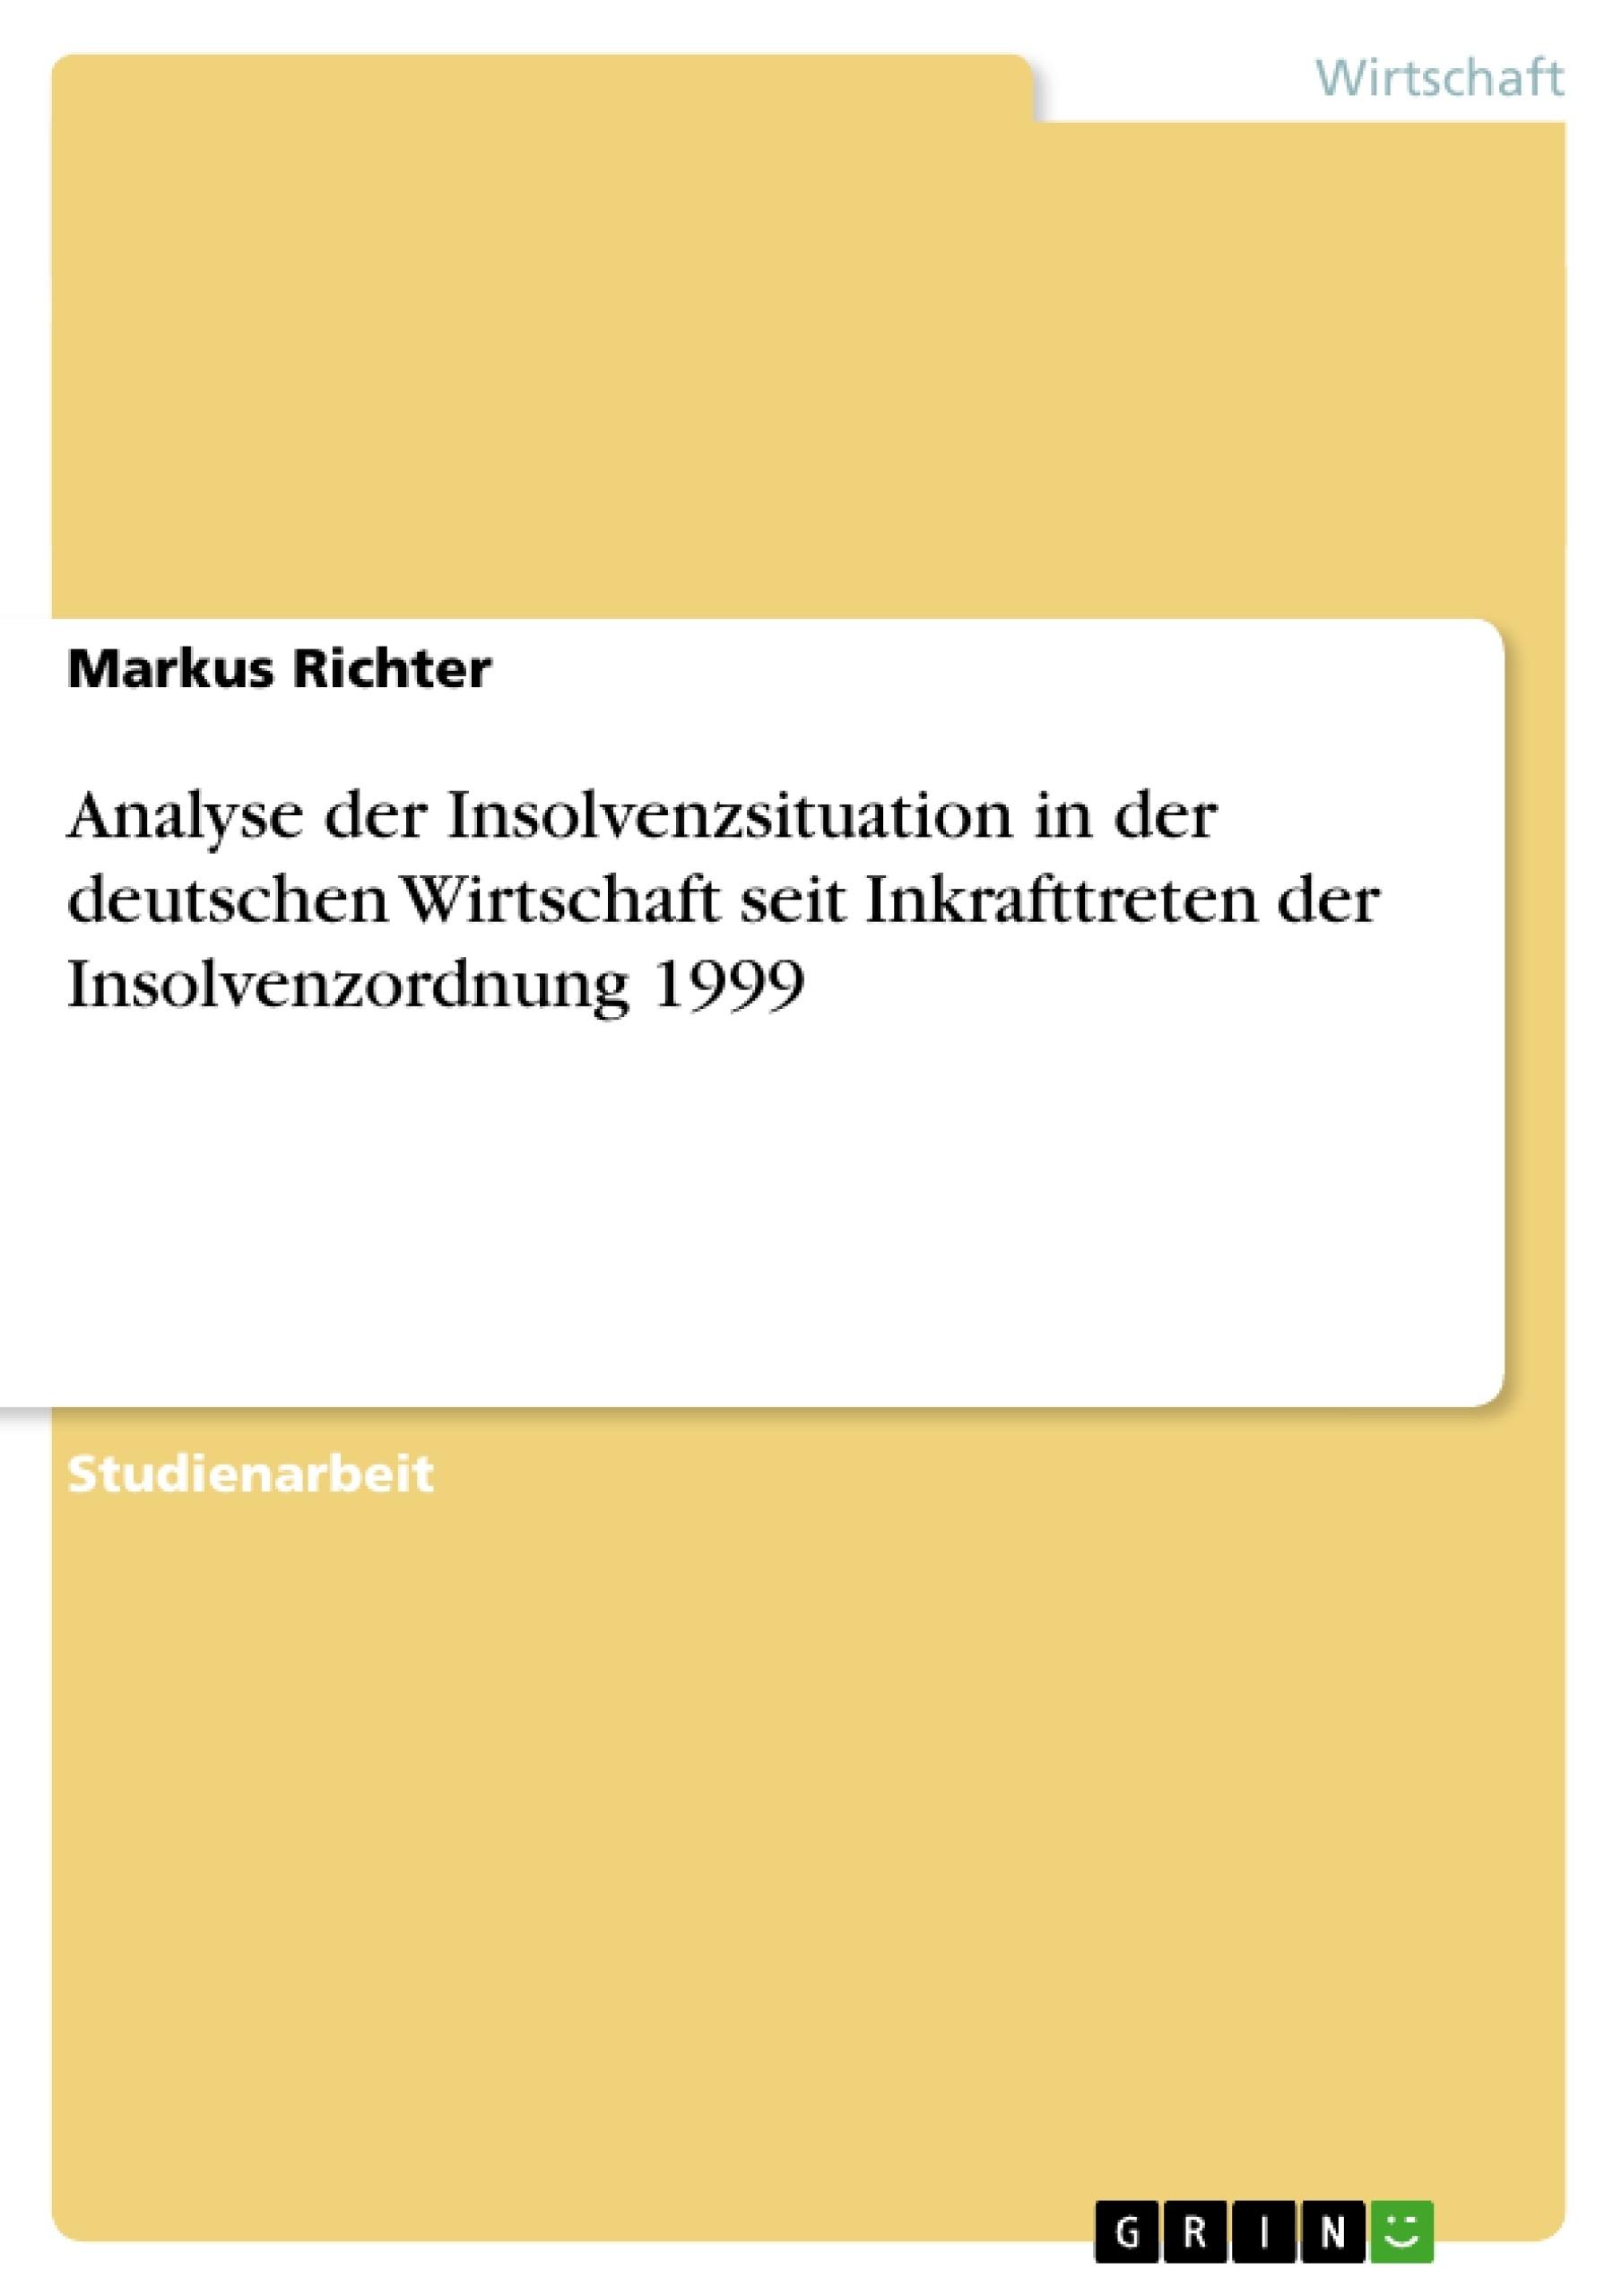 Titel: Analyse der Insolvenzsituation in der deutschen Wirtschaft seit Inkrafttreten der Insolvenzordnung 1999